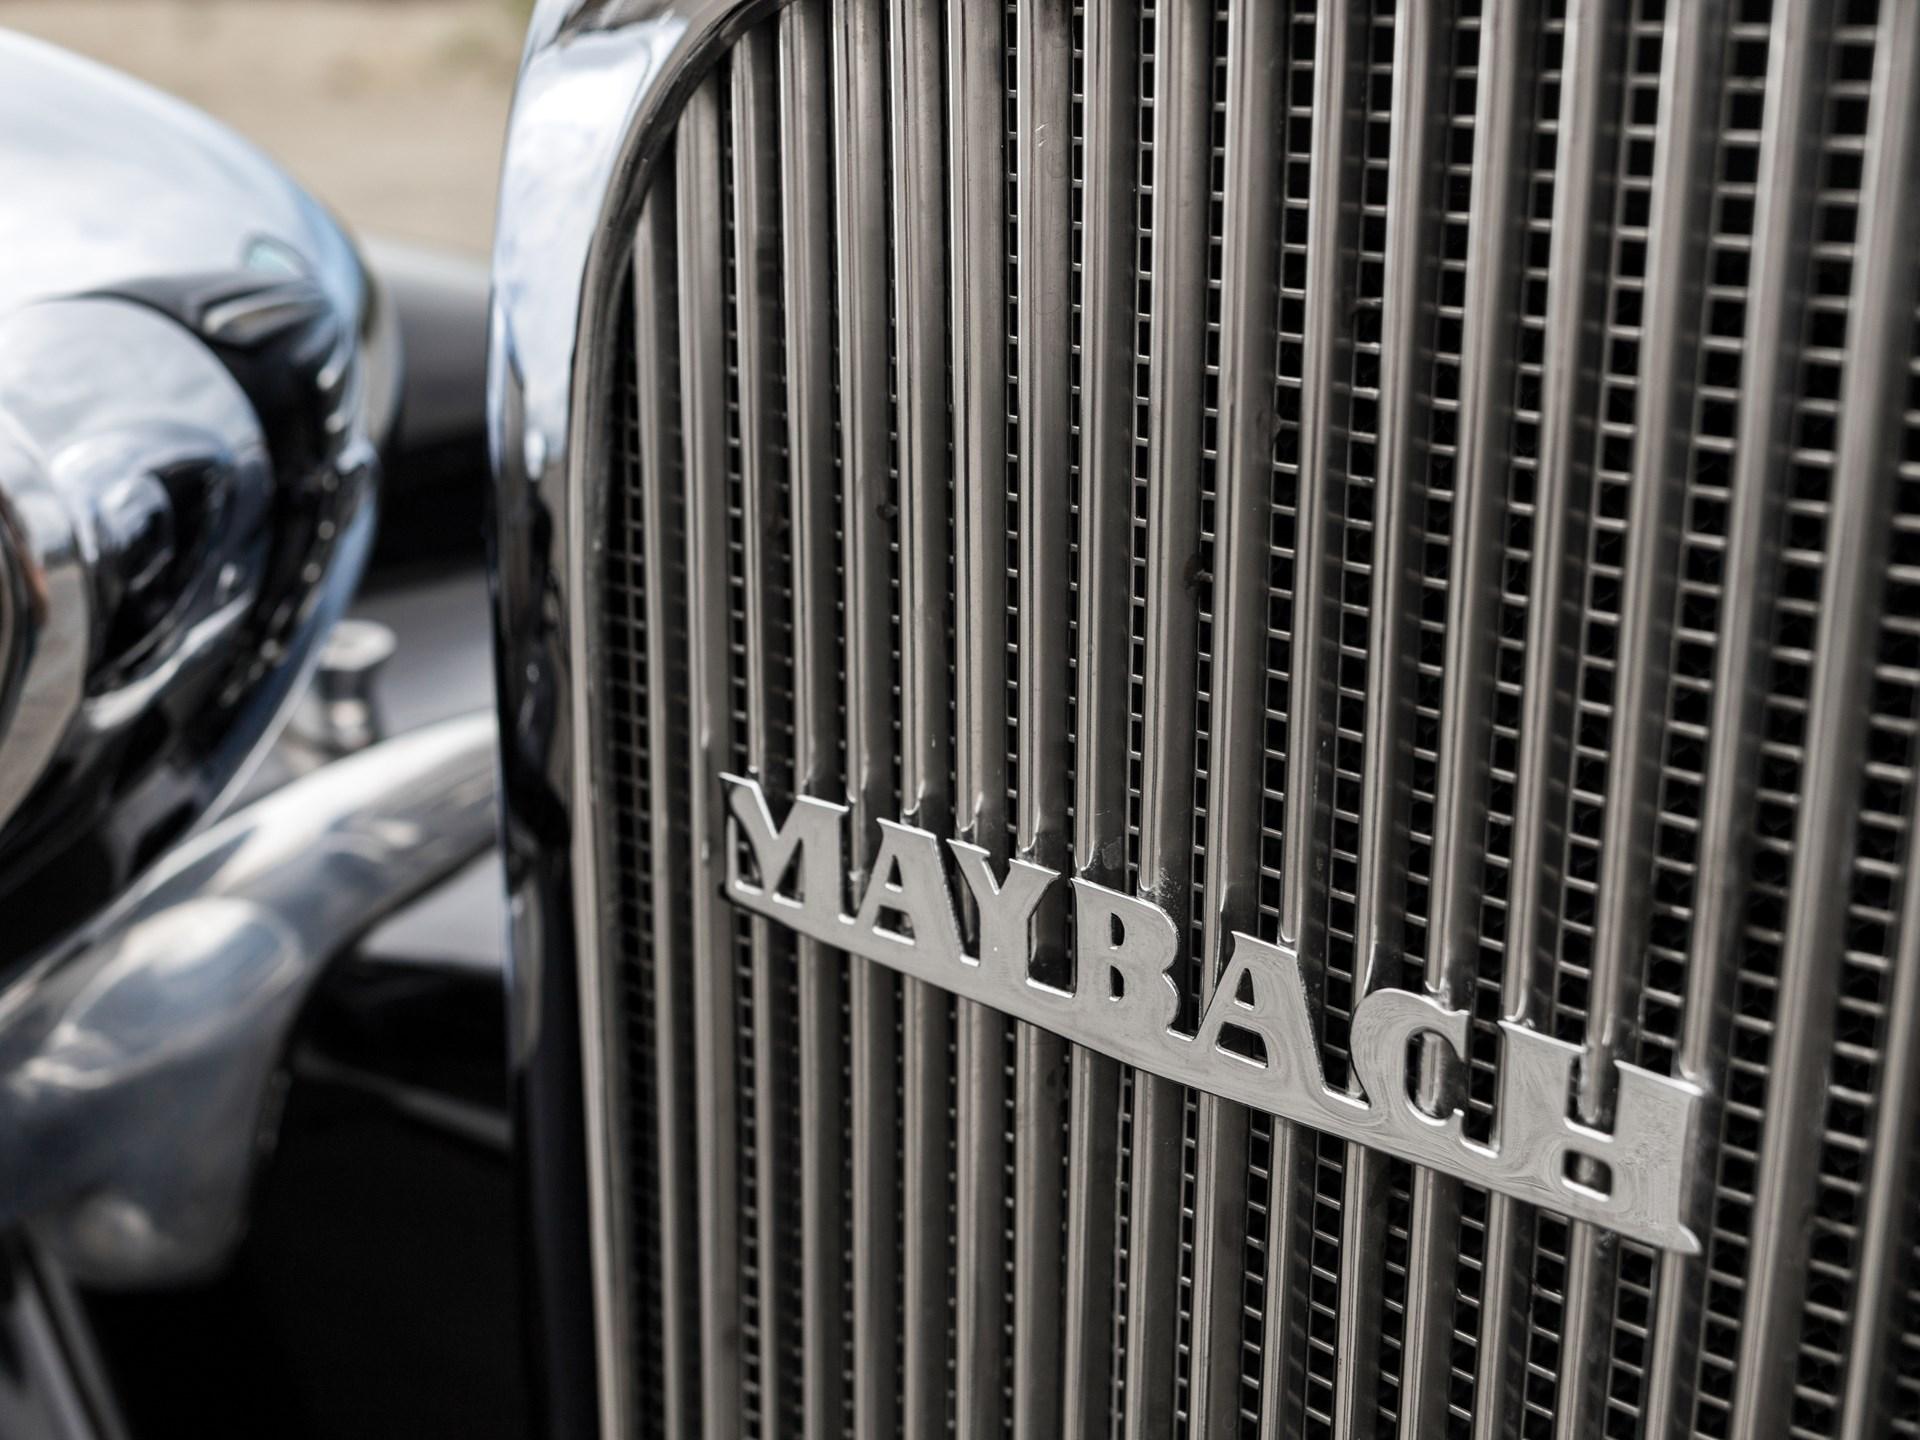 1938 Maybach SW38 Roadster by Spohn